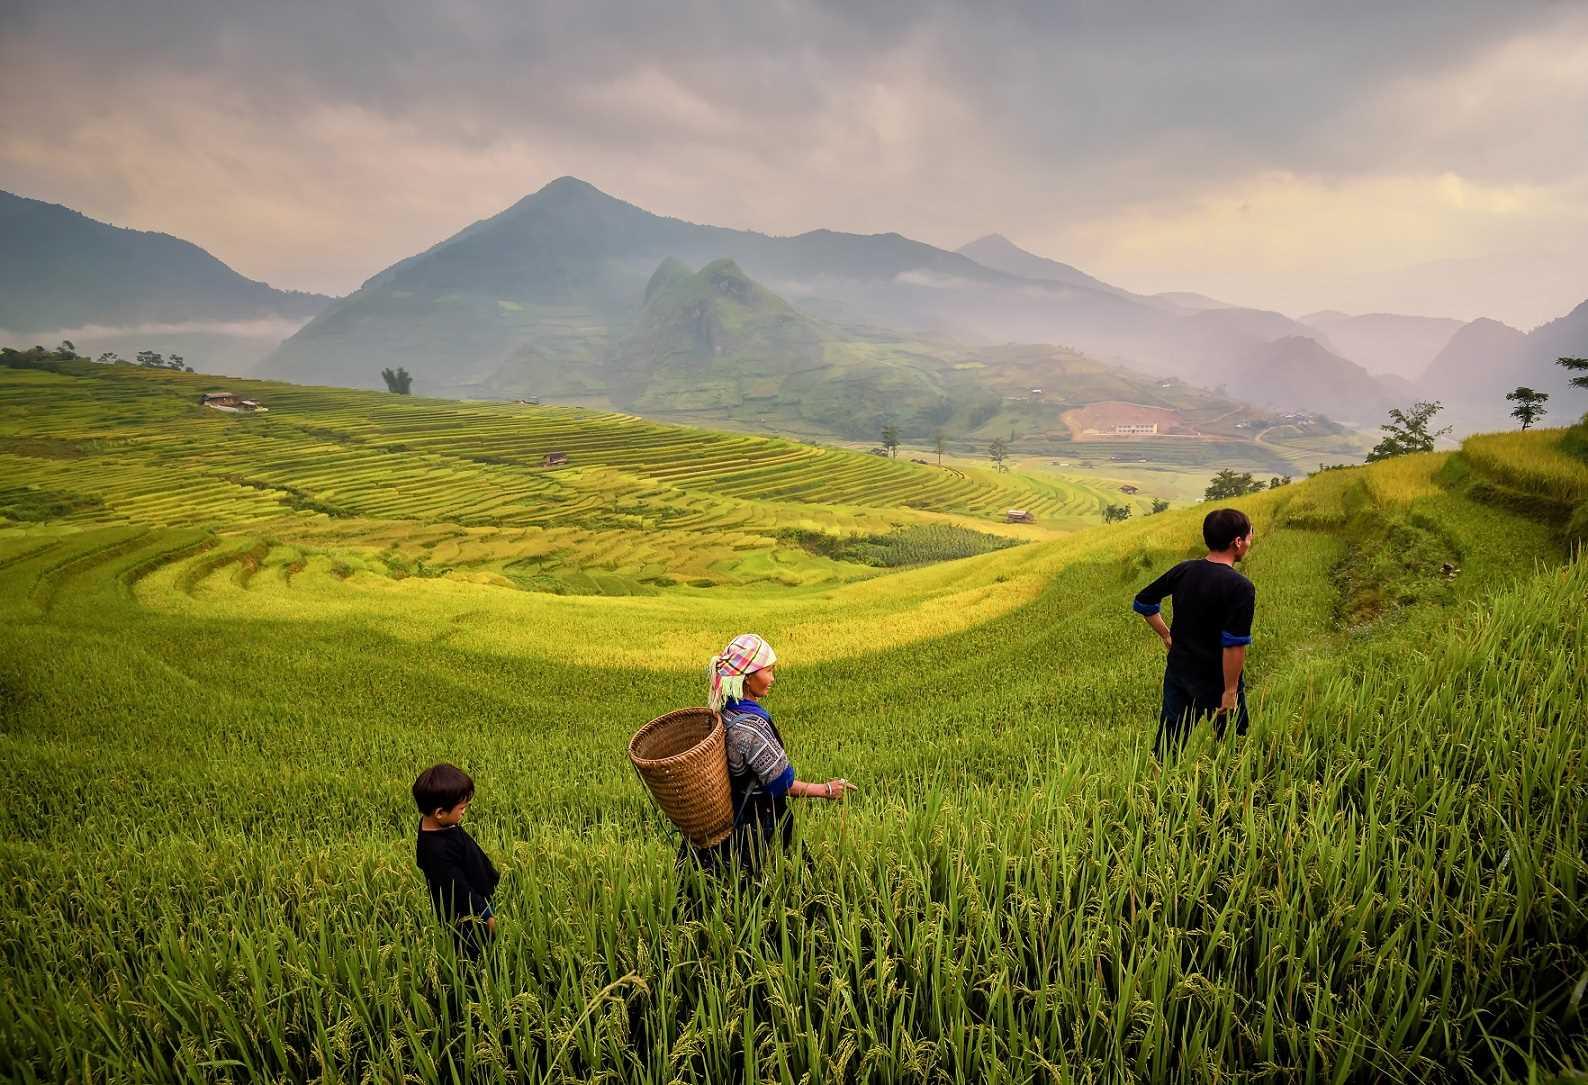 (ג') טרסות האורז המרהיבות - יום טיול בכפר בטאד